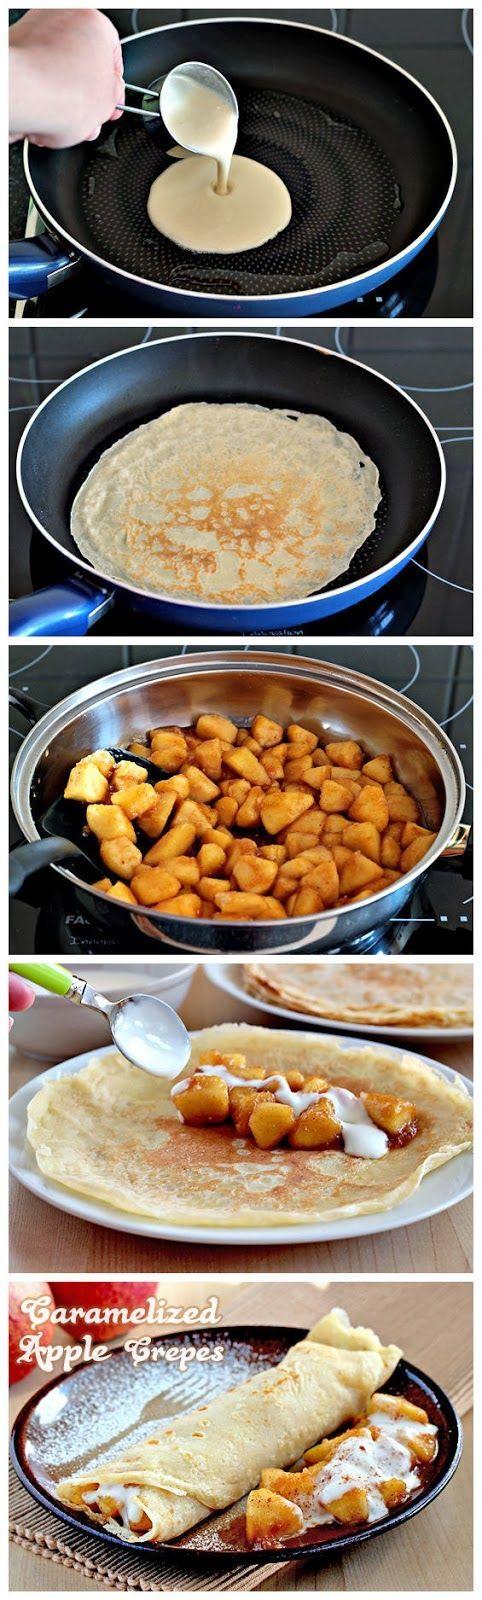 Caramelized Apple Crepes | Food Blog